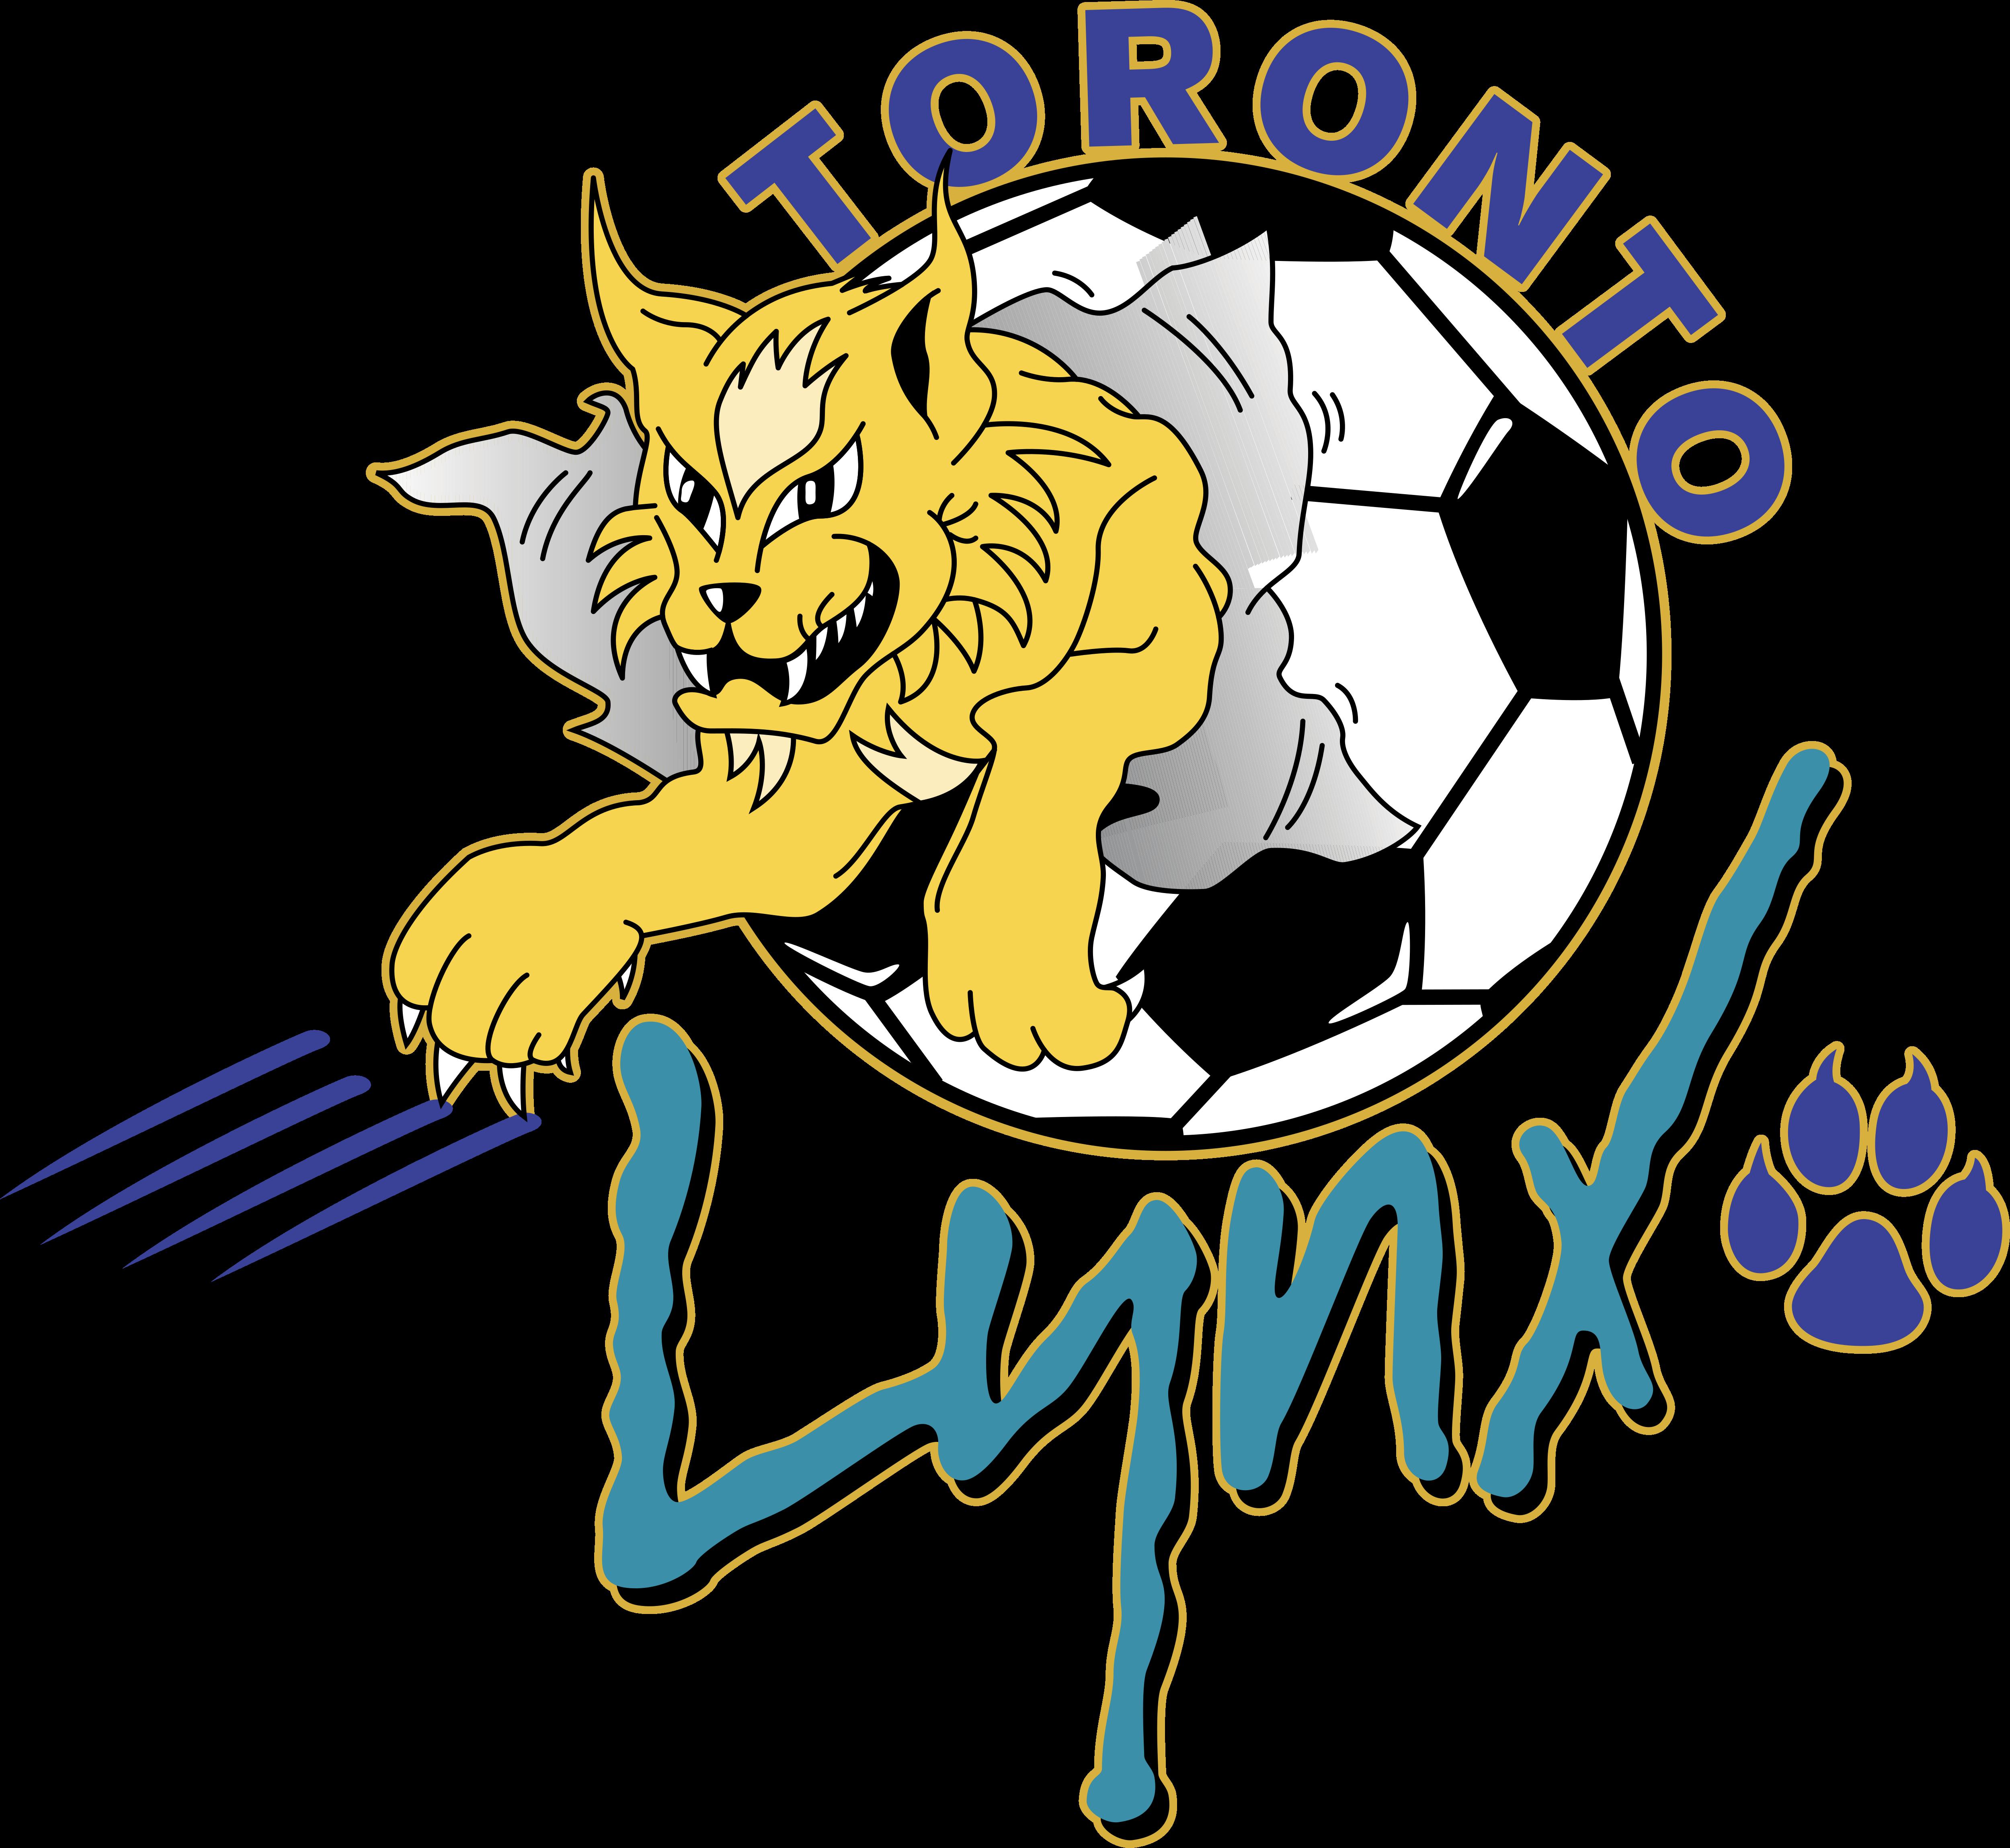 Toronto logos download . Wildcat clipart lynx